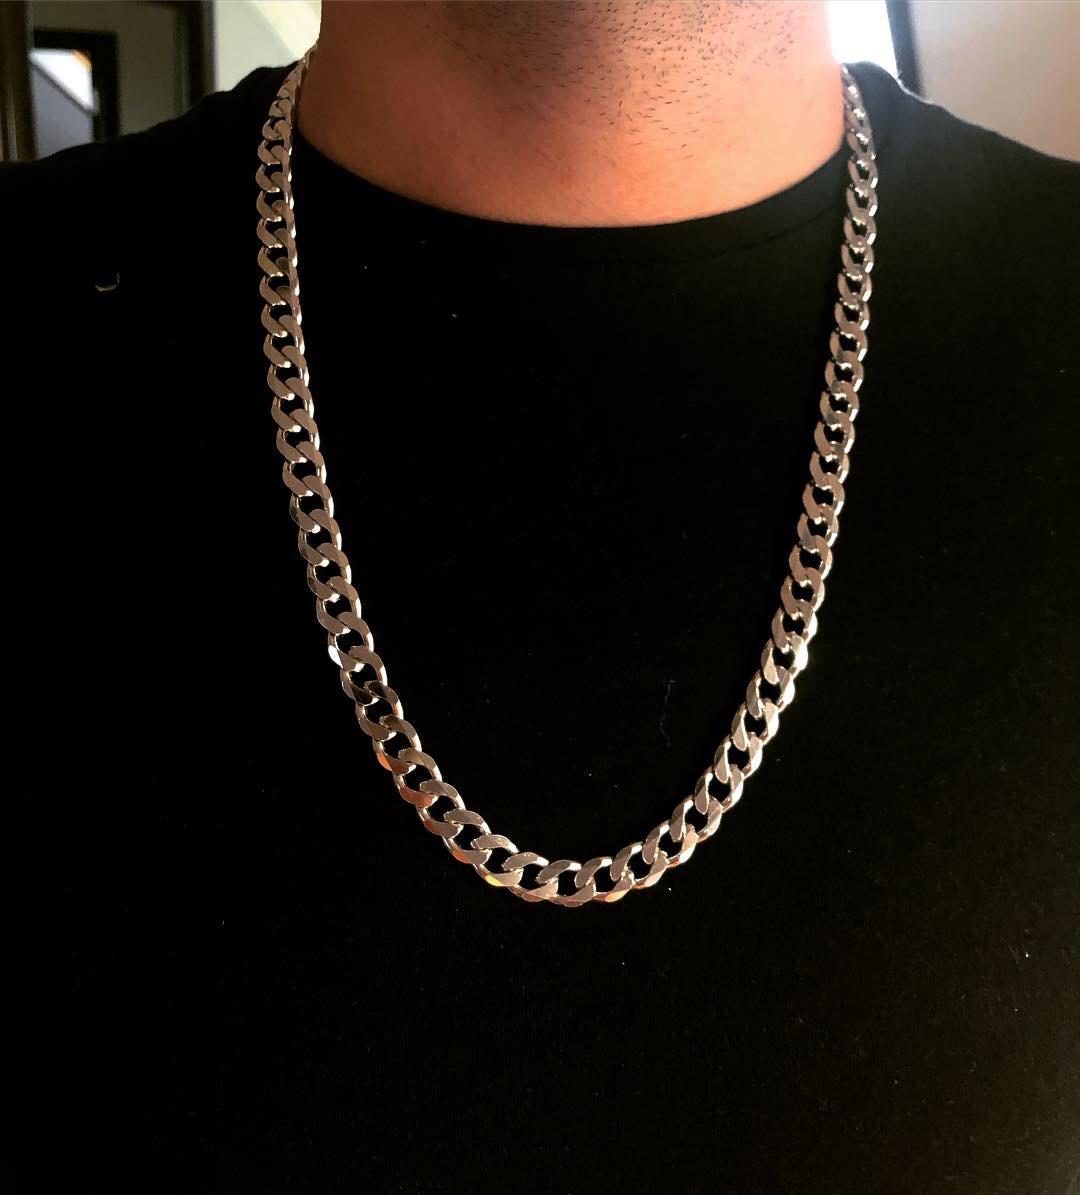 Мужская цепь из серебра Мої Прикраси  65 см панцирное плетение 125 грамм